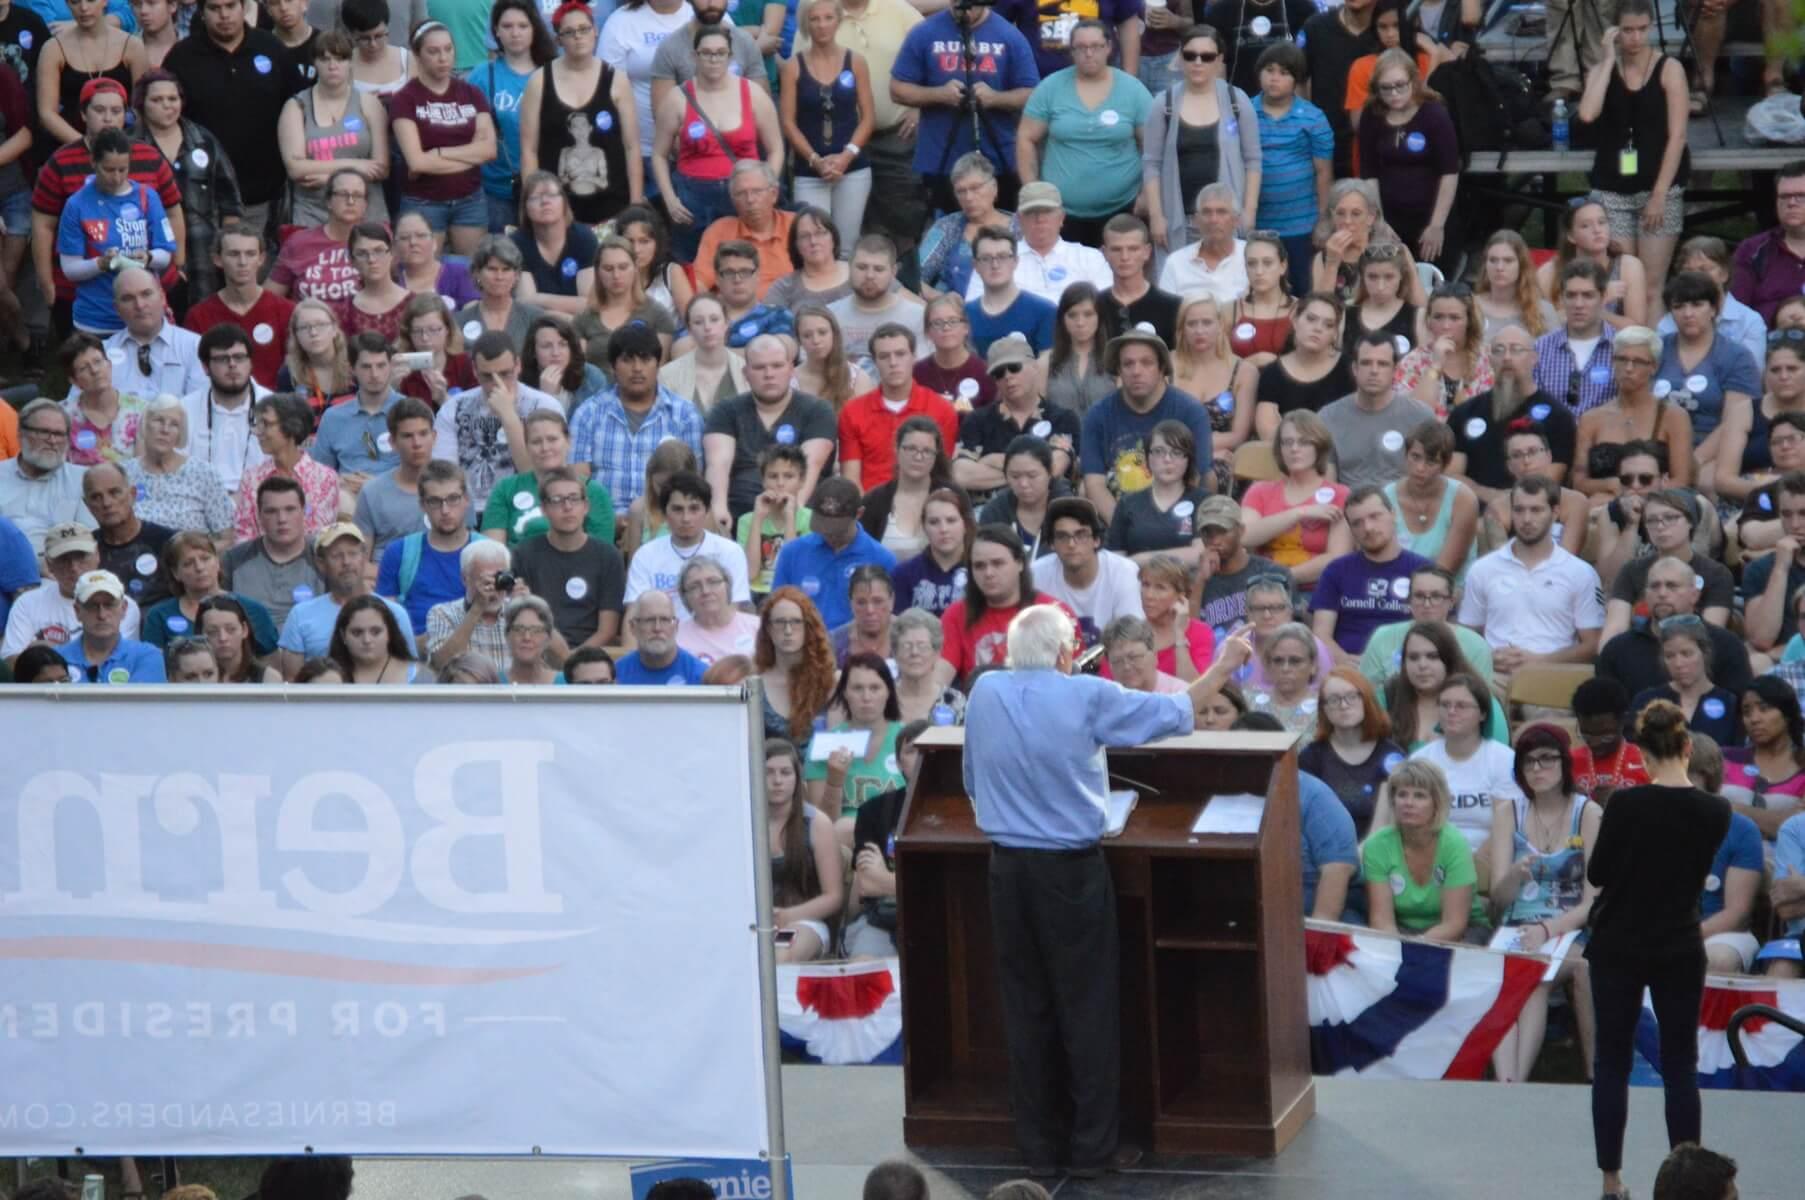 Sanders at Coe College in September